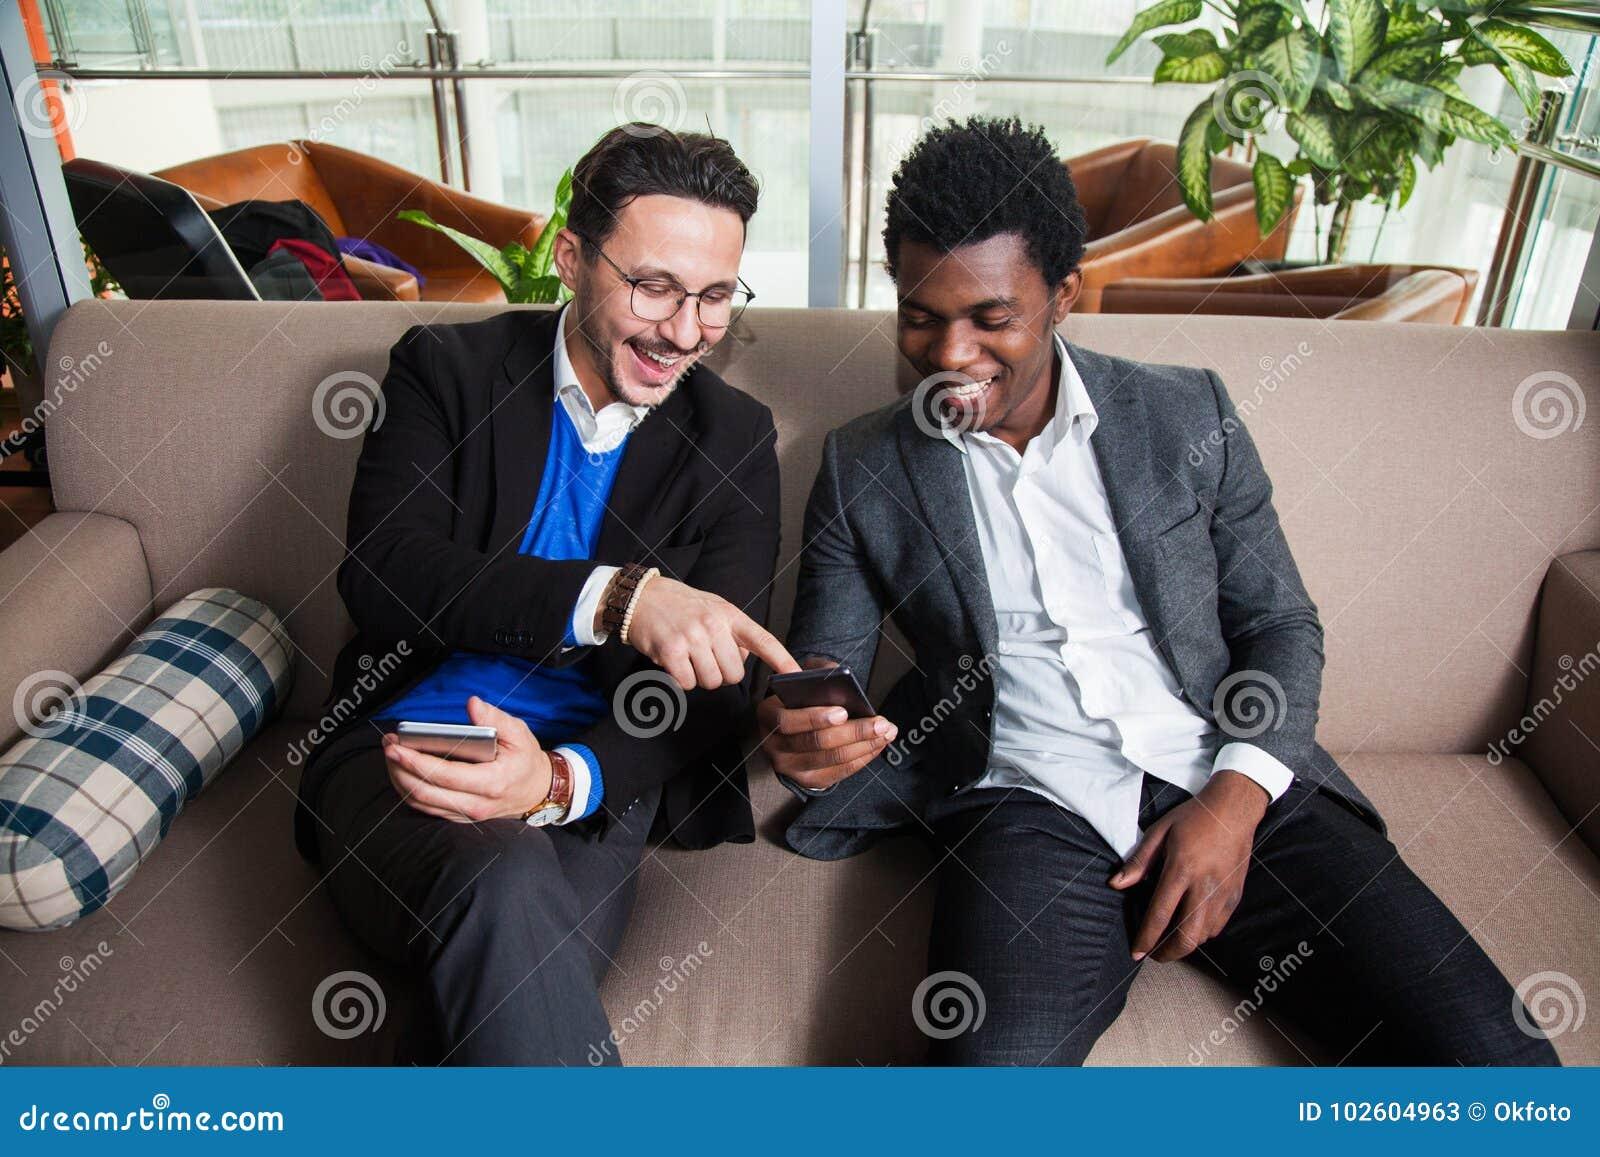 Dois homens multiculturais sentam-se em telefones celulares do sofá, do sorriso e da posse